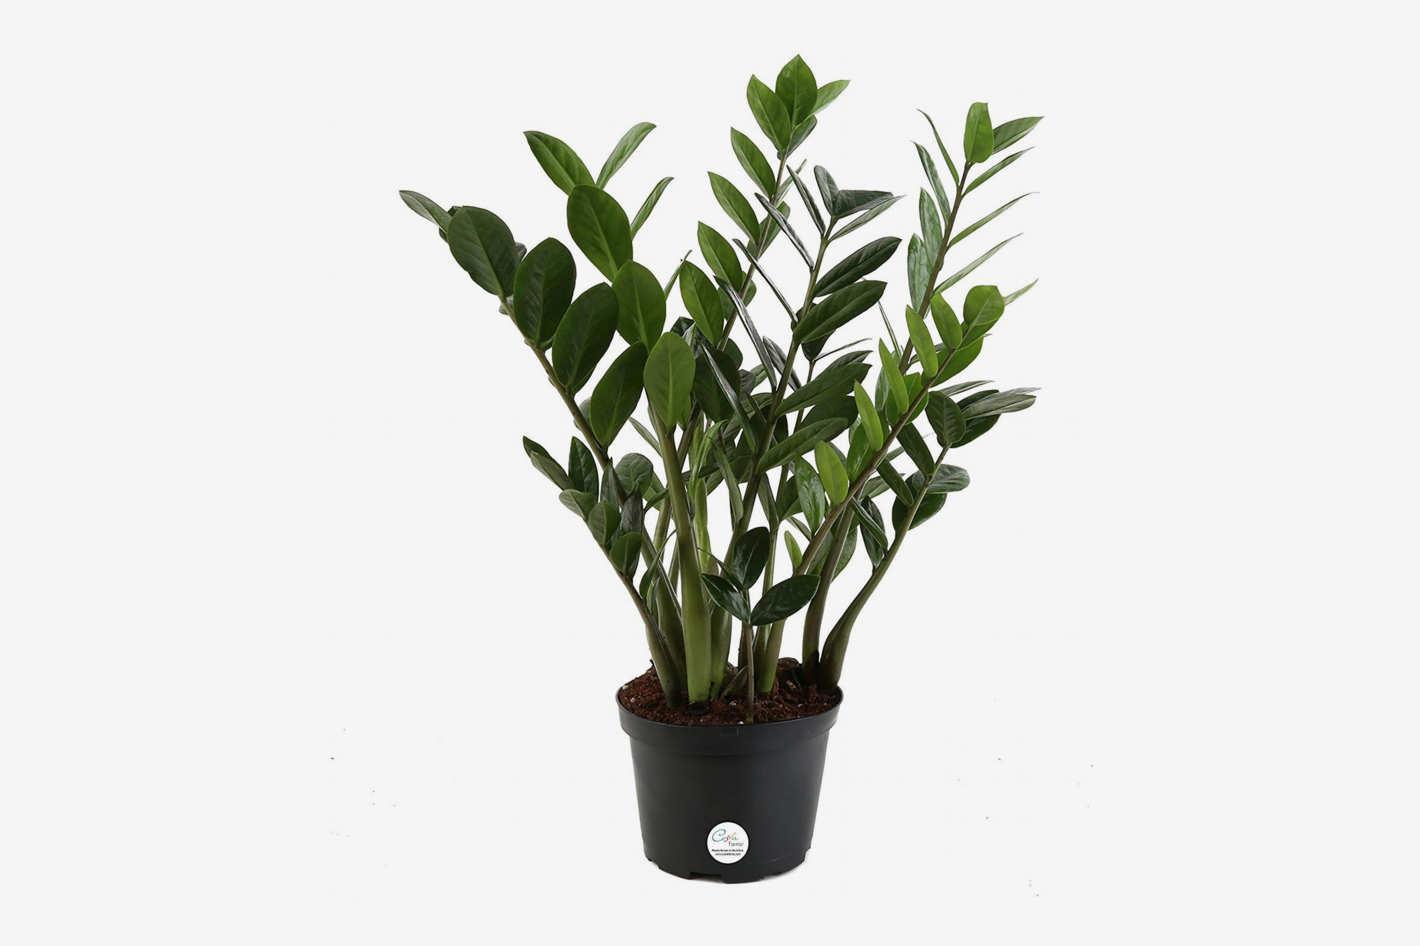 ZZ Plant (<em>Zamioculcas zamiifolia)</em>